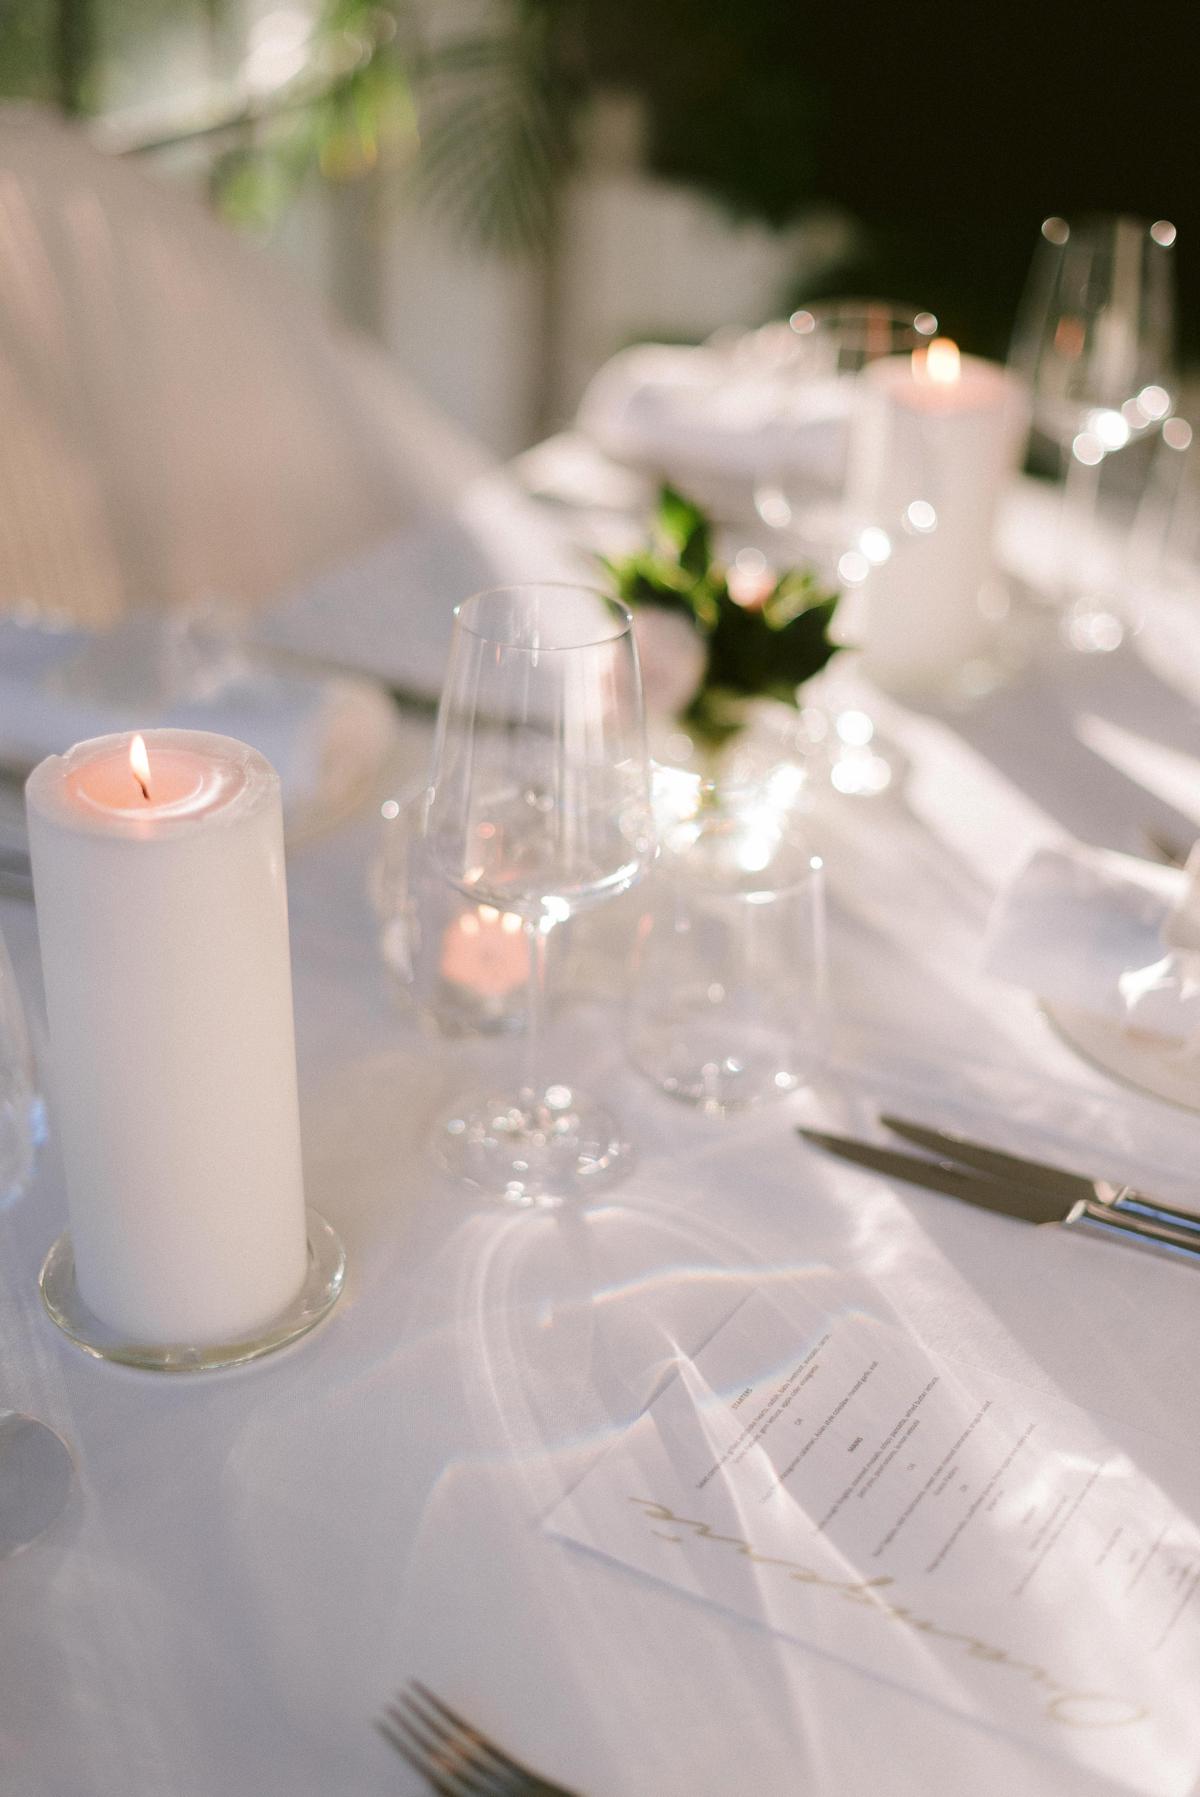 dehan-engelbrecht-scandinavian-wedding-film-photographer-franschhoek-south-africa-030.jpg